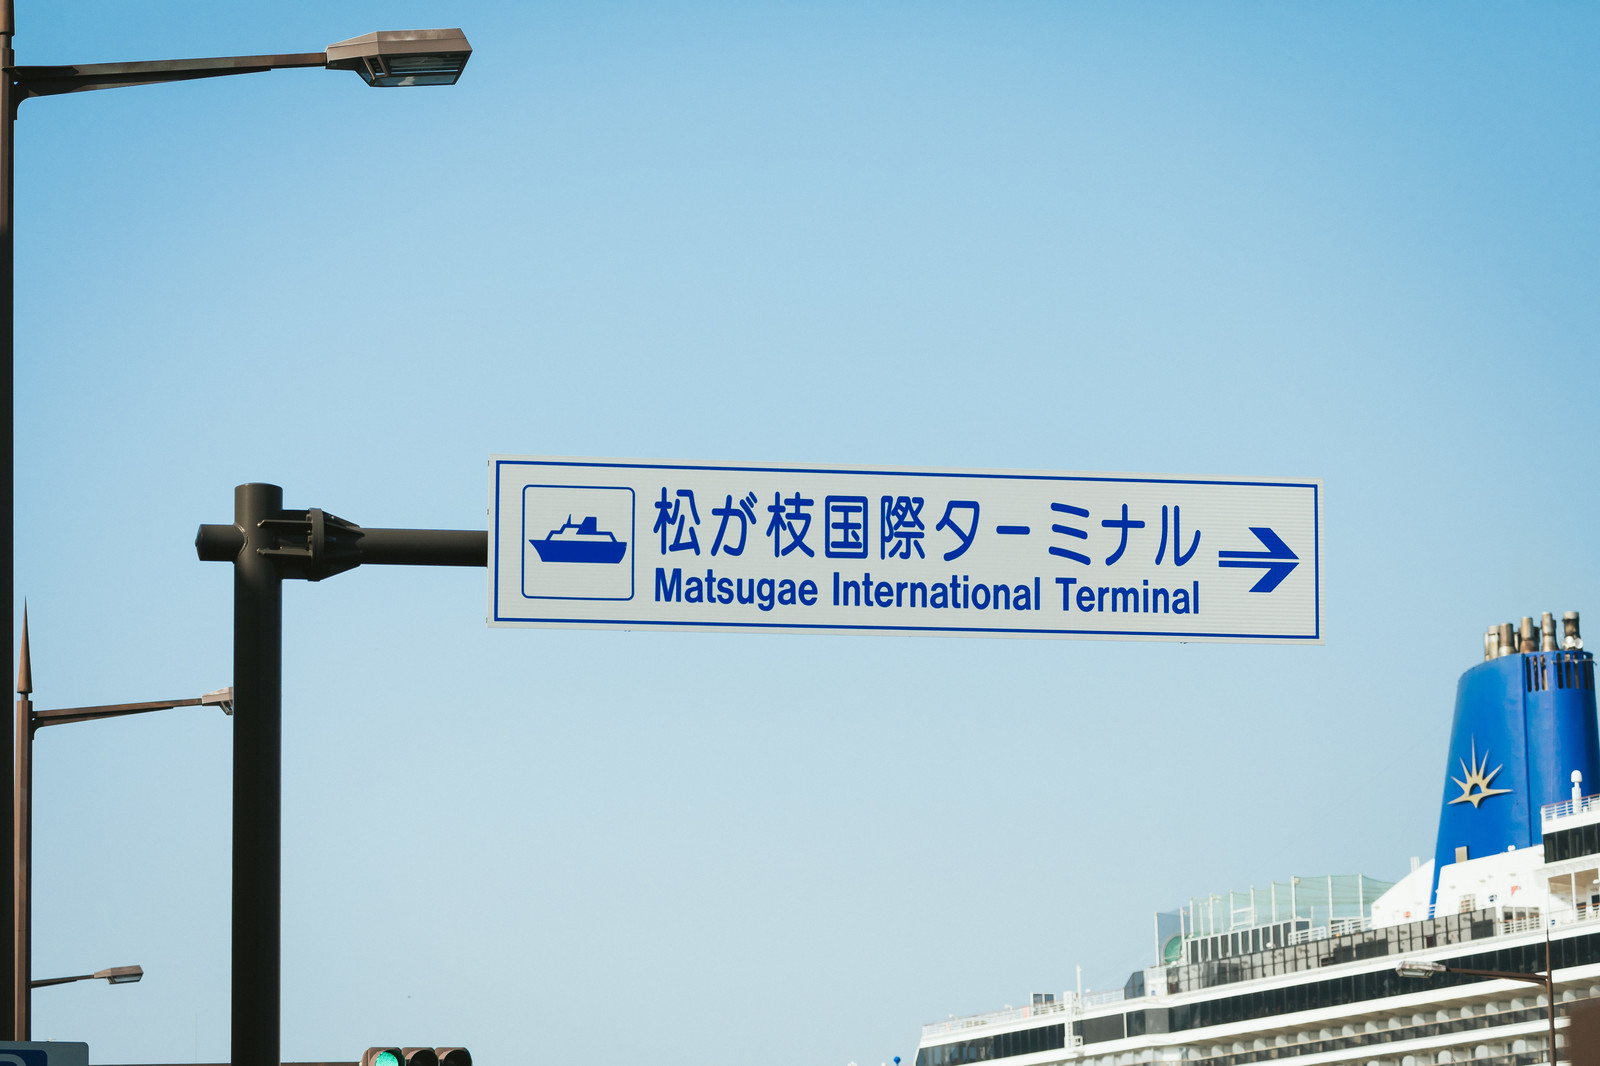 「松が枝国際ターミナルはこちら」の写真